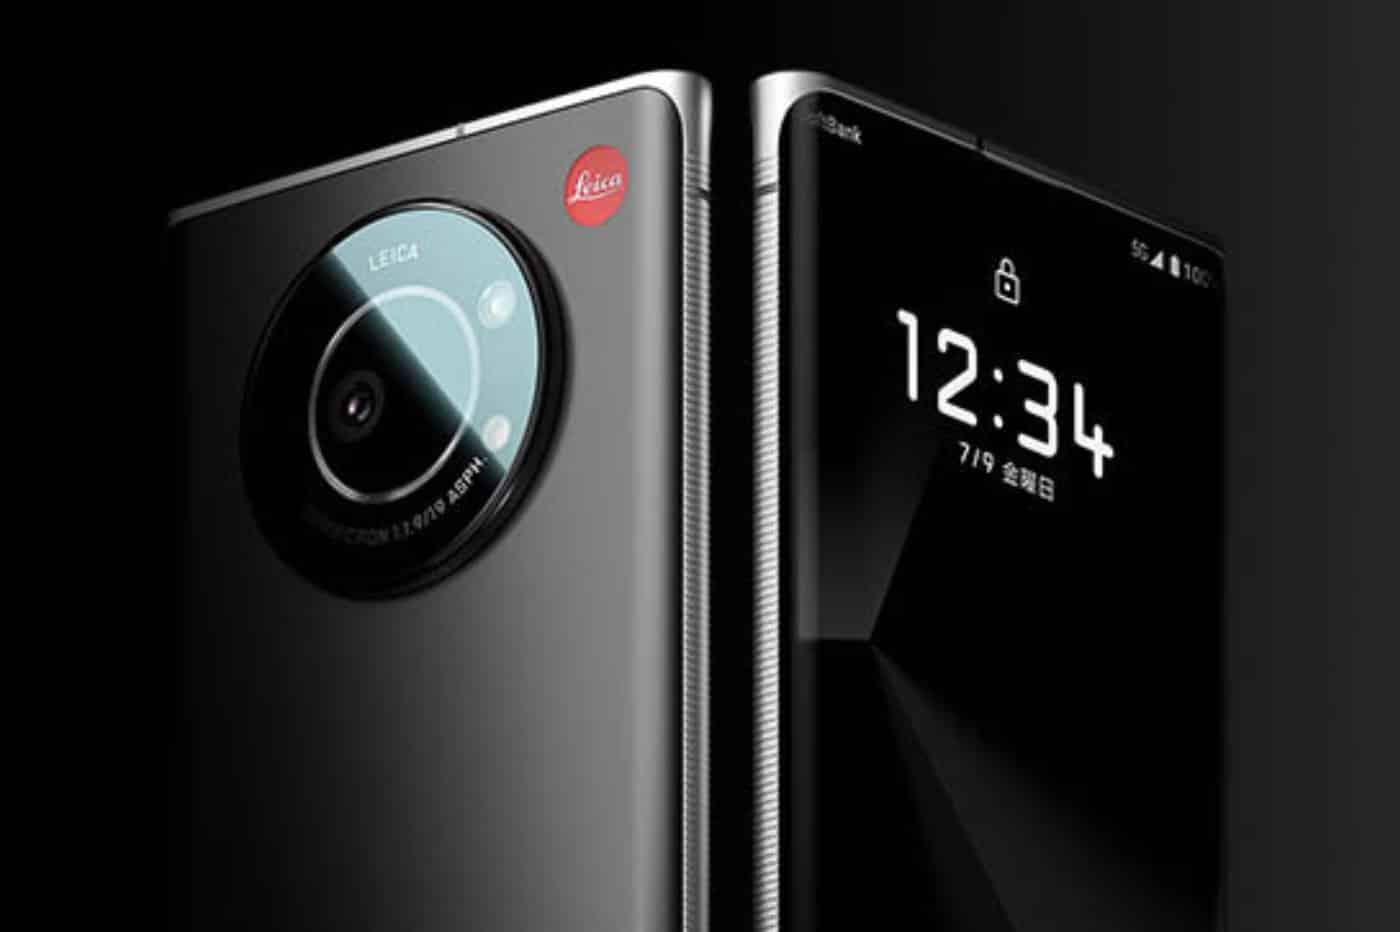 Leica vient de lancer un smartphone - crédits Leica